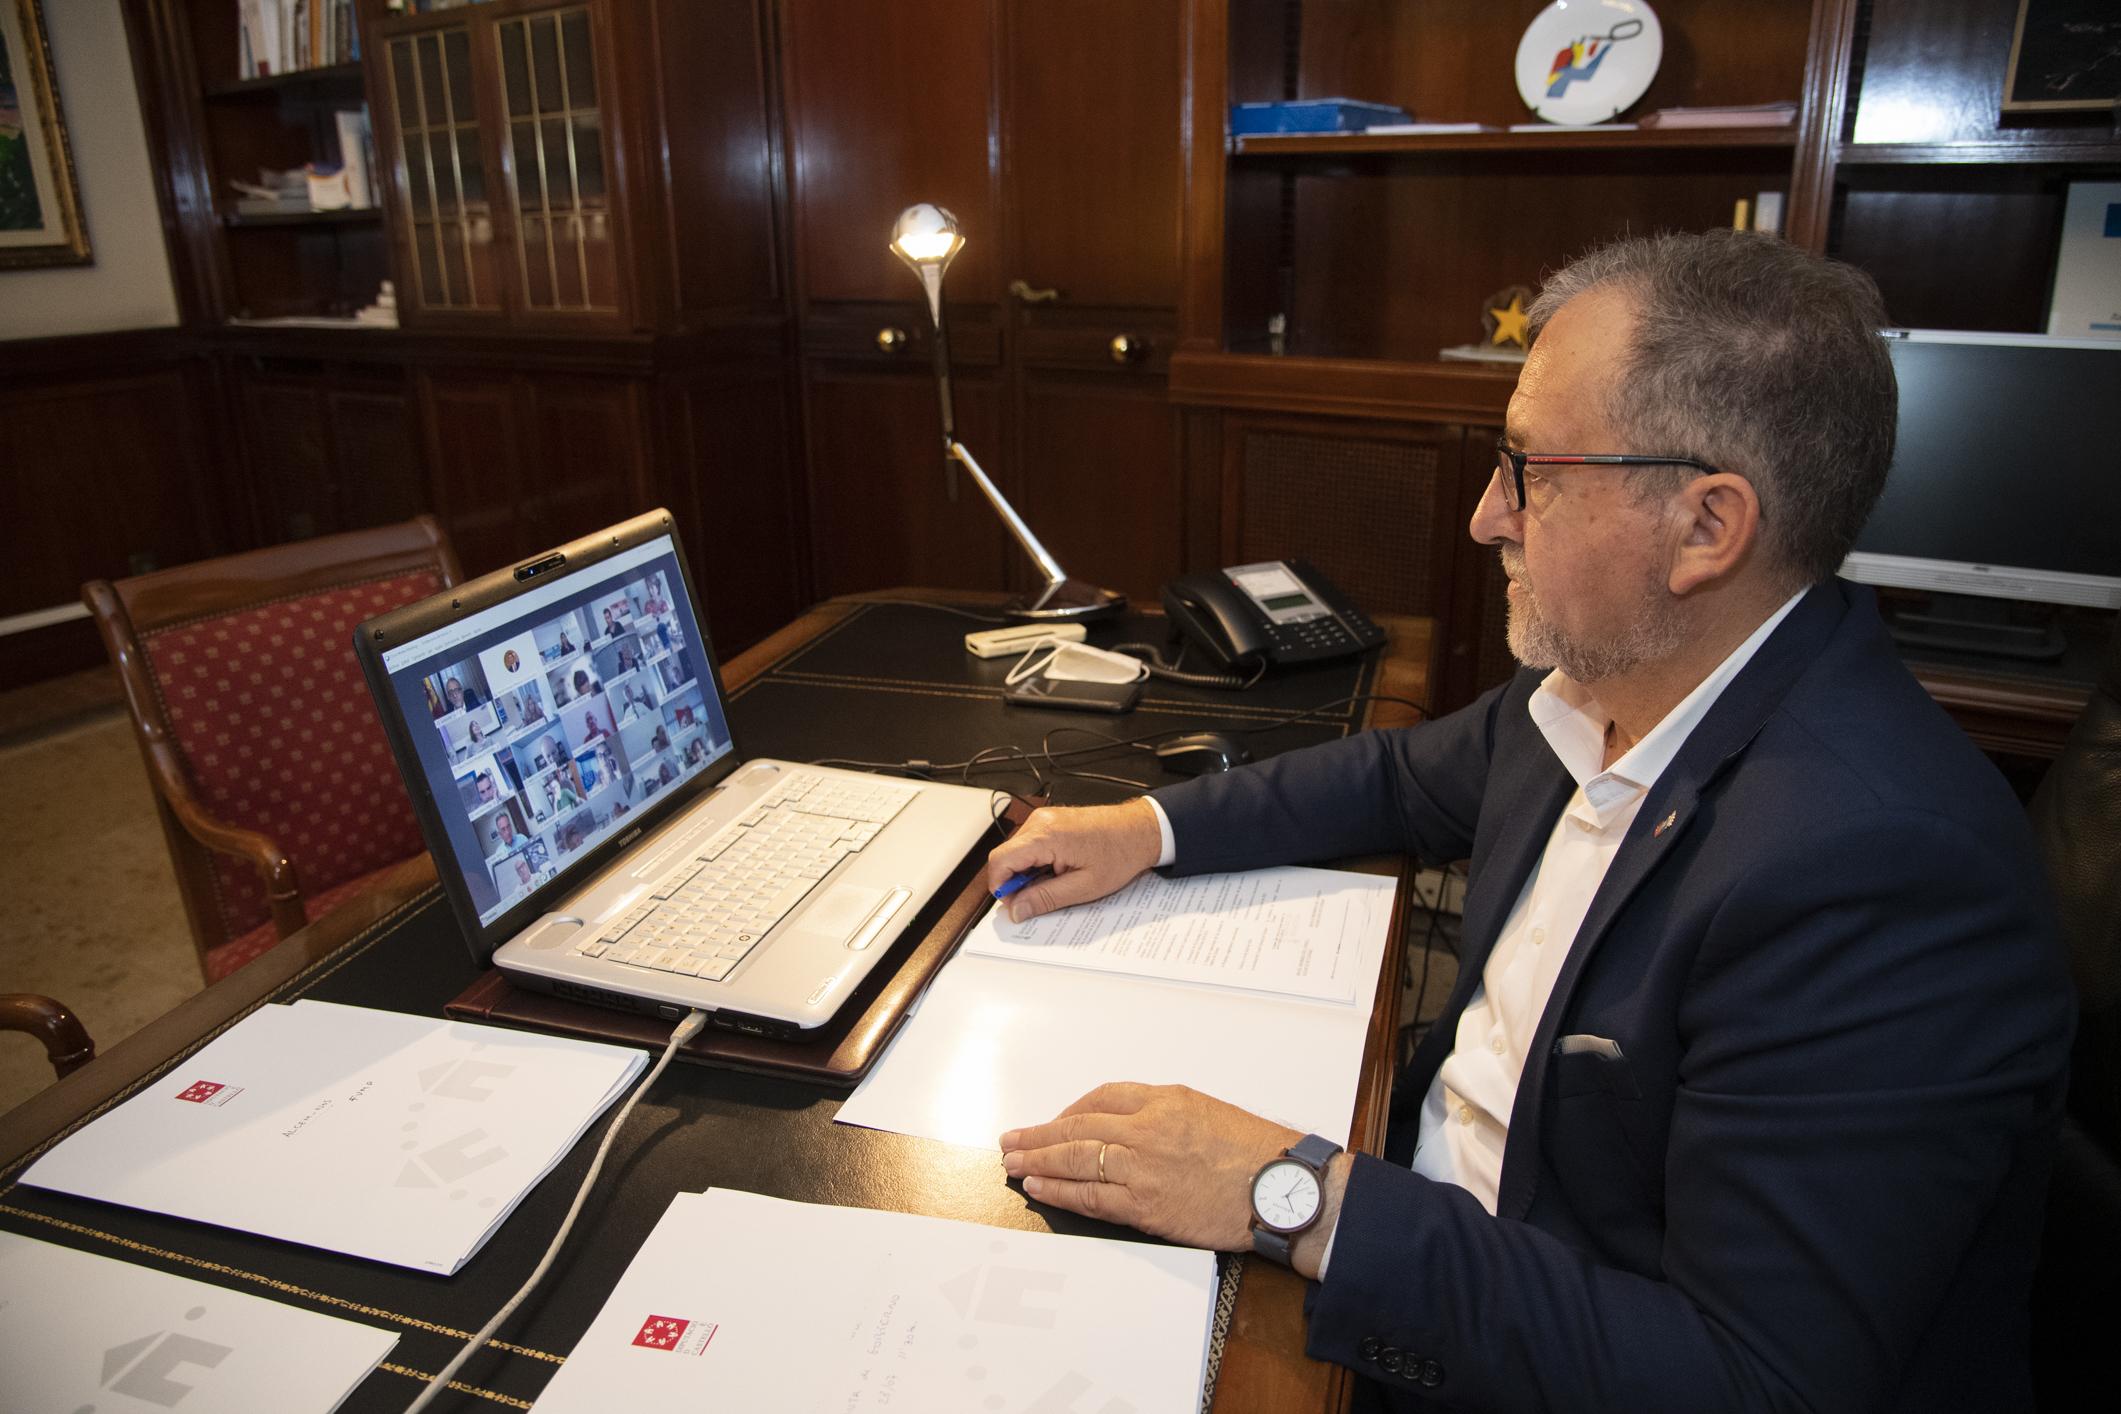 Martí respalda el esfuerzo del president Puig para revertir la situación creada con la cuarentena decretada por el gobierno británico